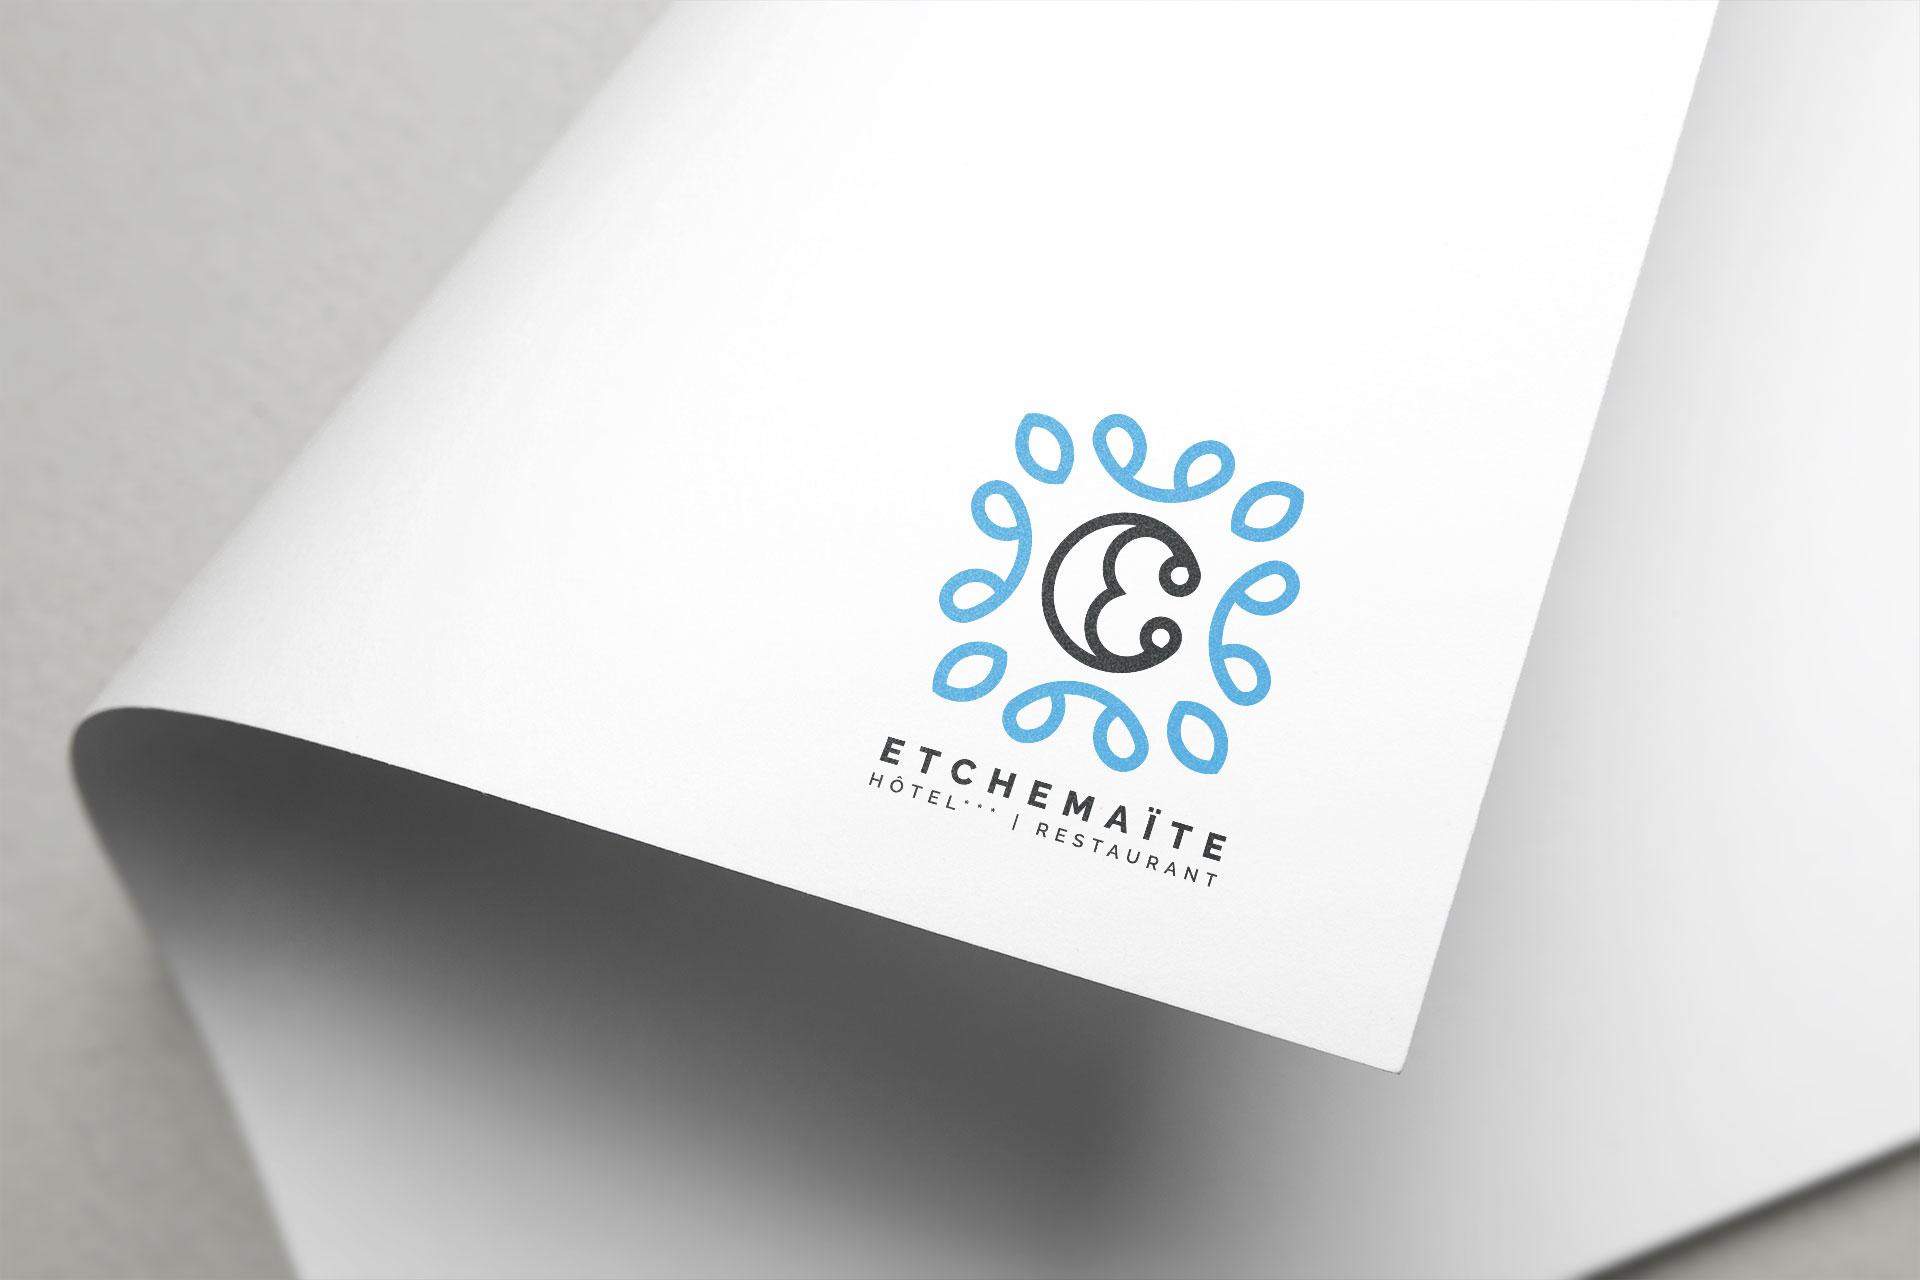 Logo Hotel Restaurant Etchemaite